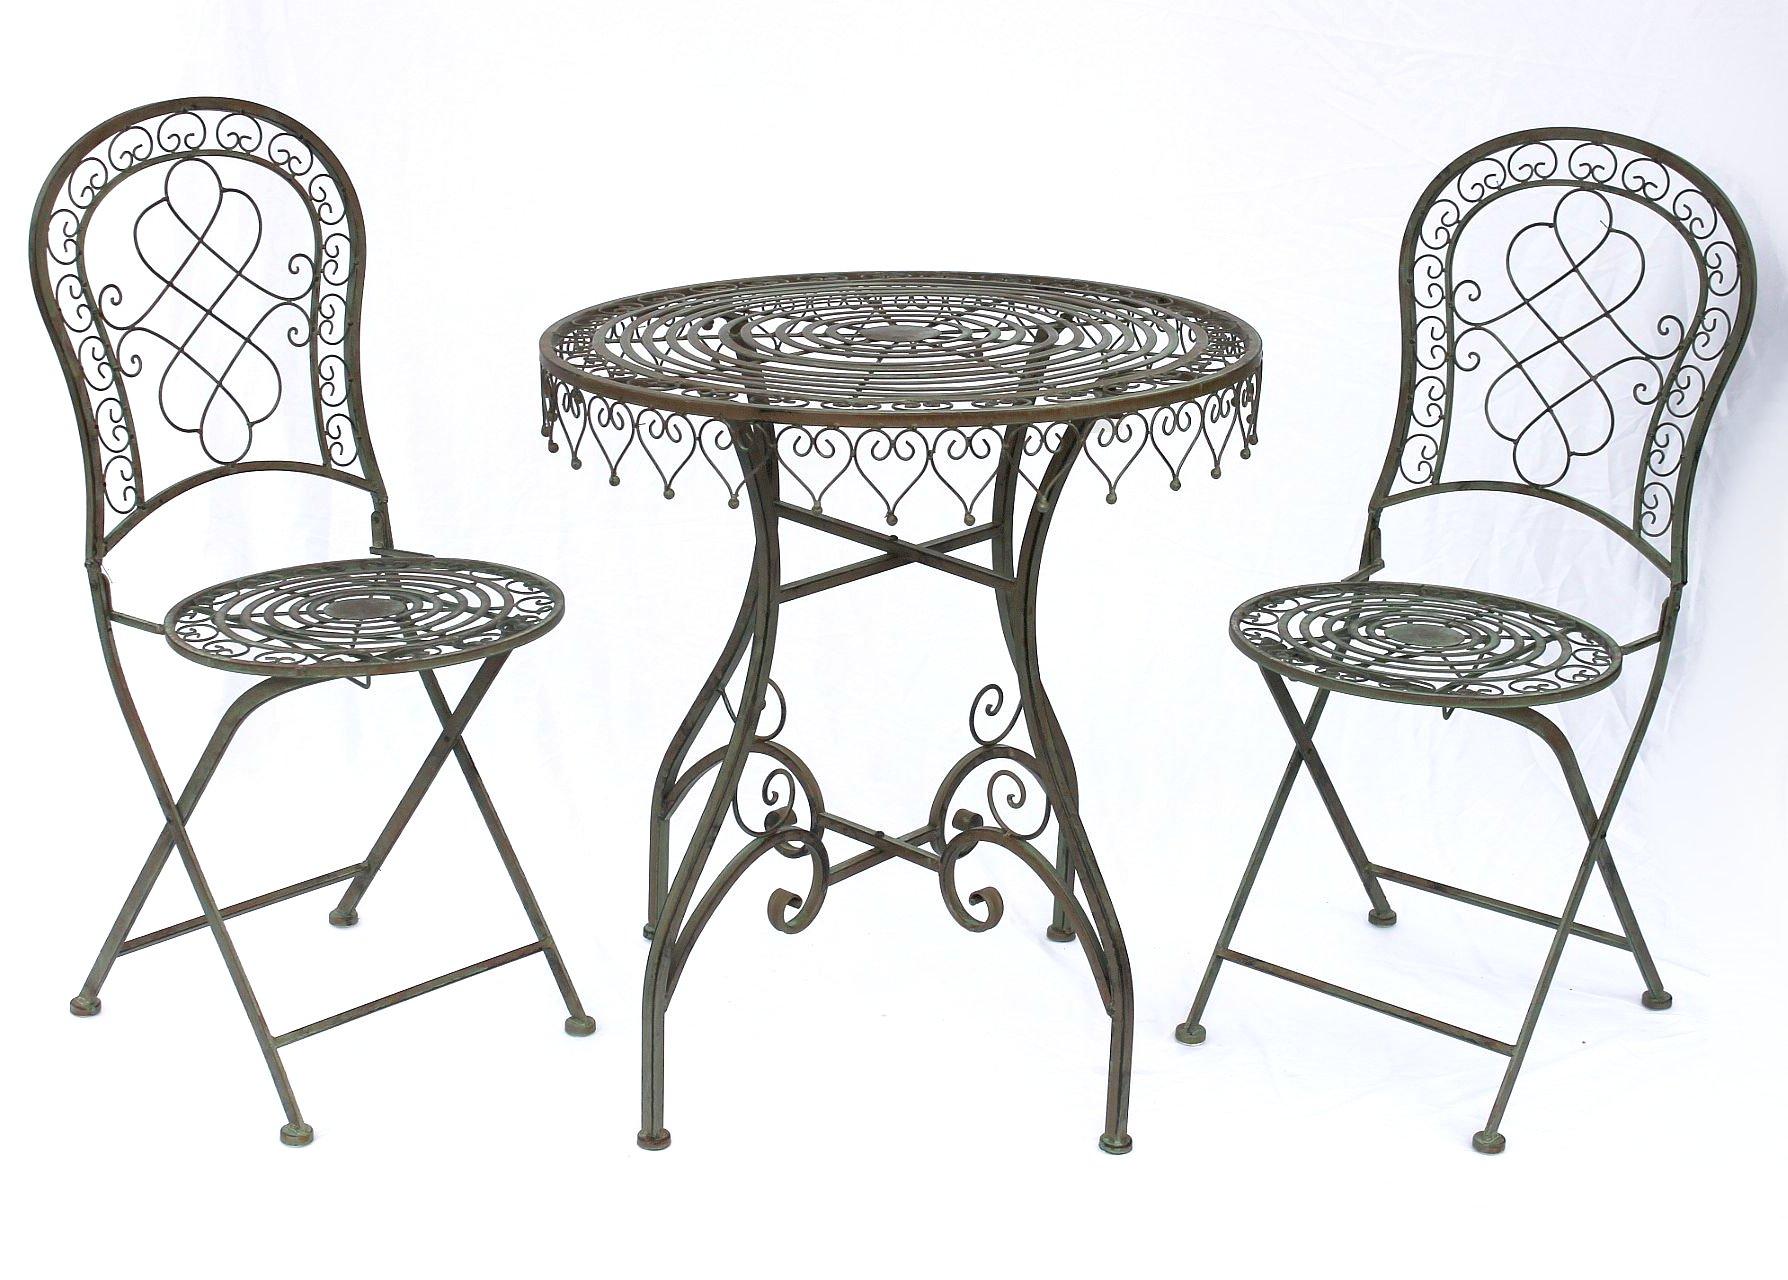 Sitzgruppe Malega 12184-85 Gartentisch Gartenstuhl Tisch Gartengarnitur 2 Stk